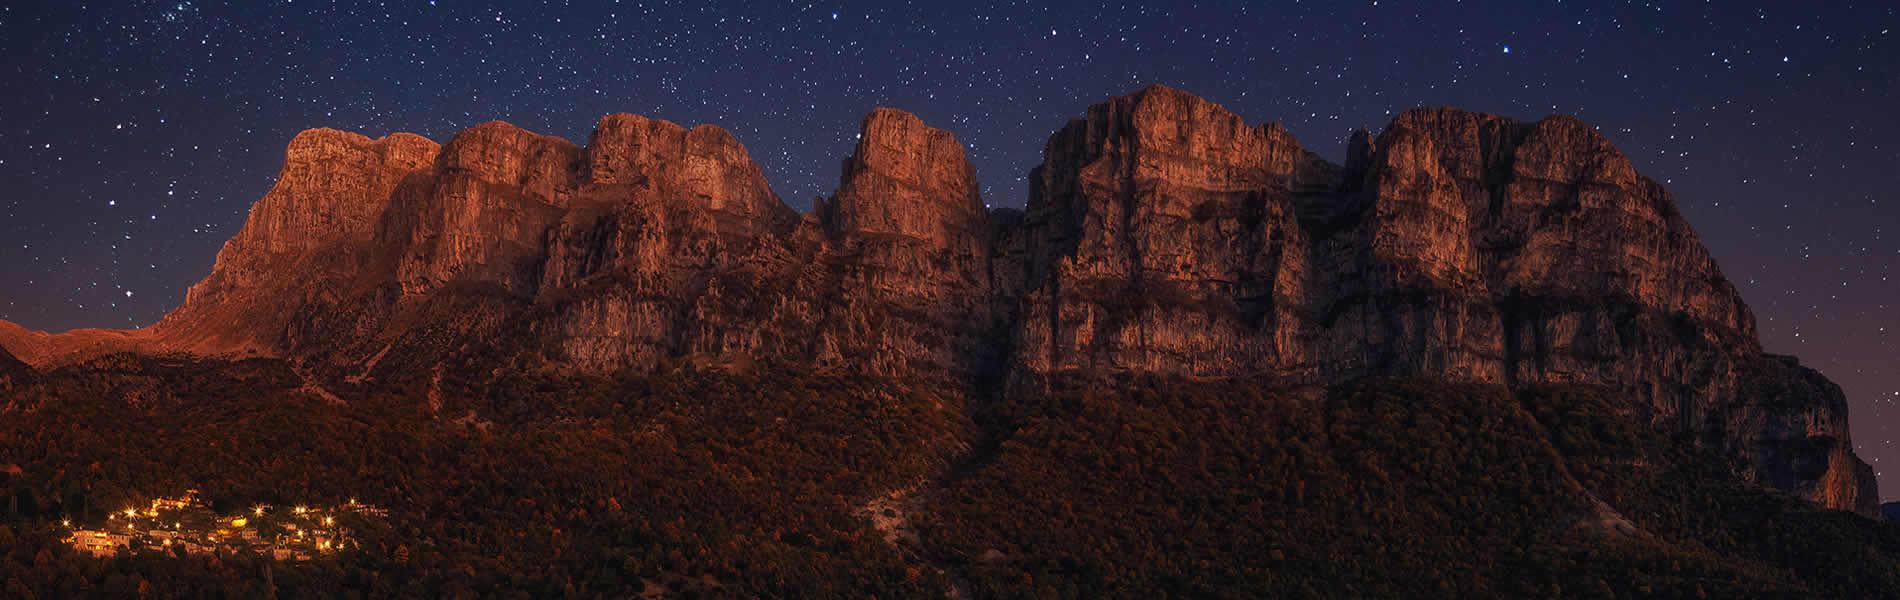 αστροφεγγιά πάνω από τους πύργους του πάπιγκου στα ζαγοροχώρια